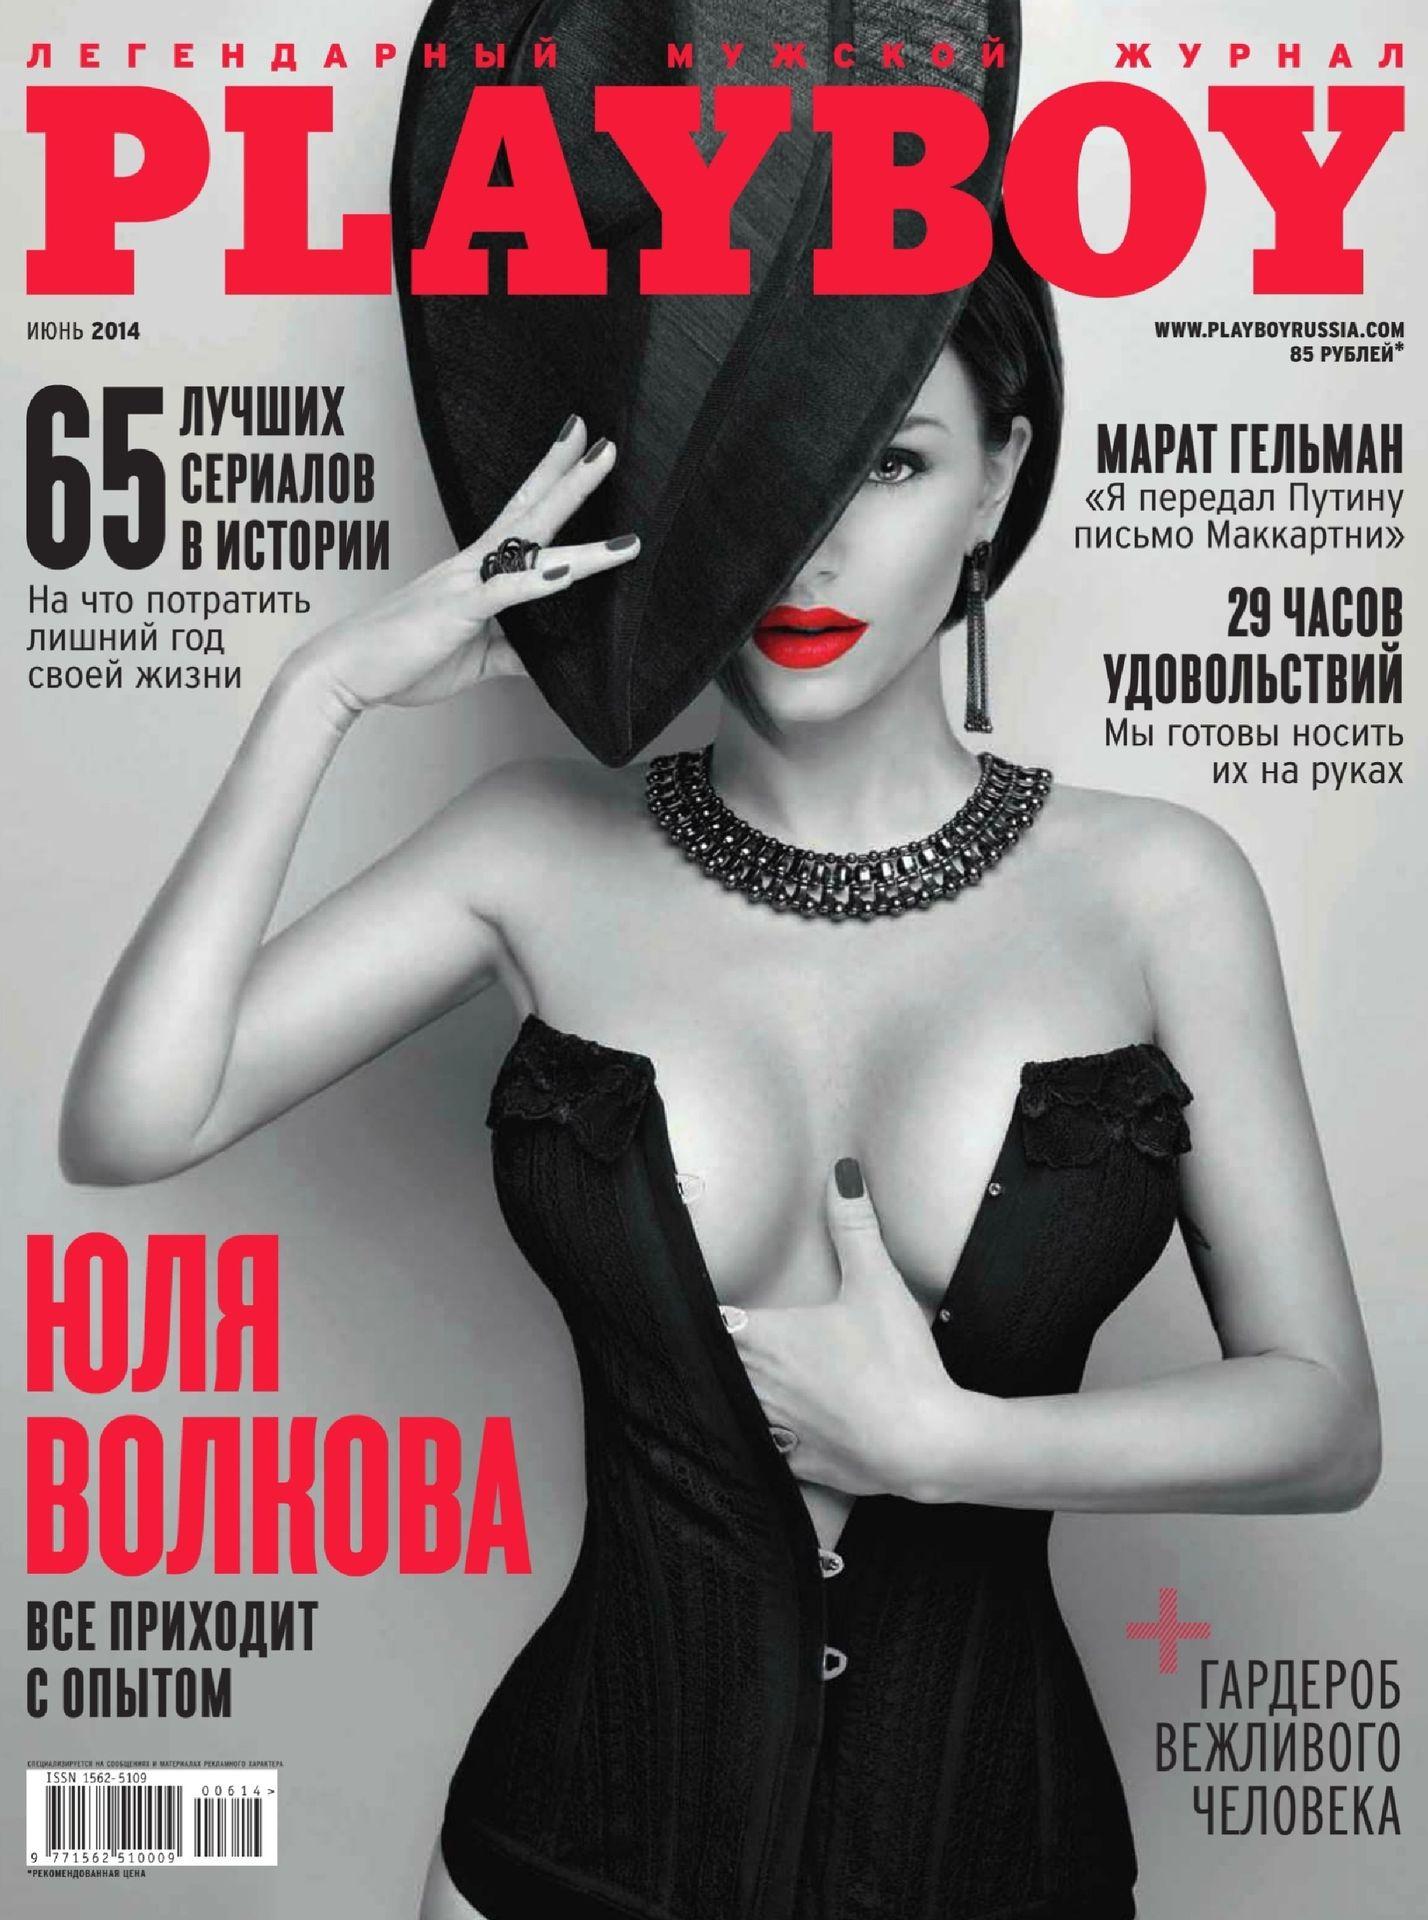 Обложки эротического журнала максим или плэйбой подумал